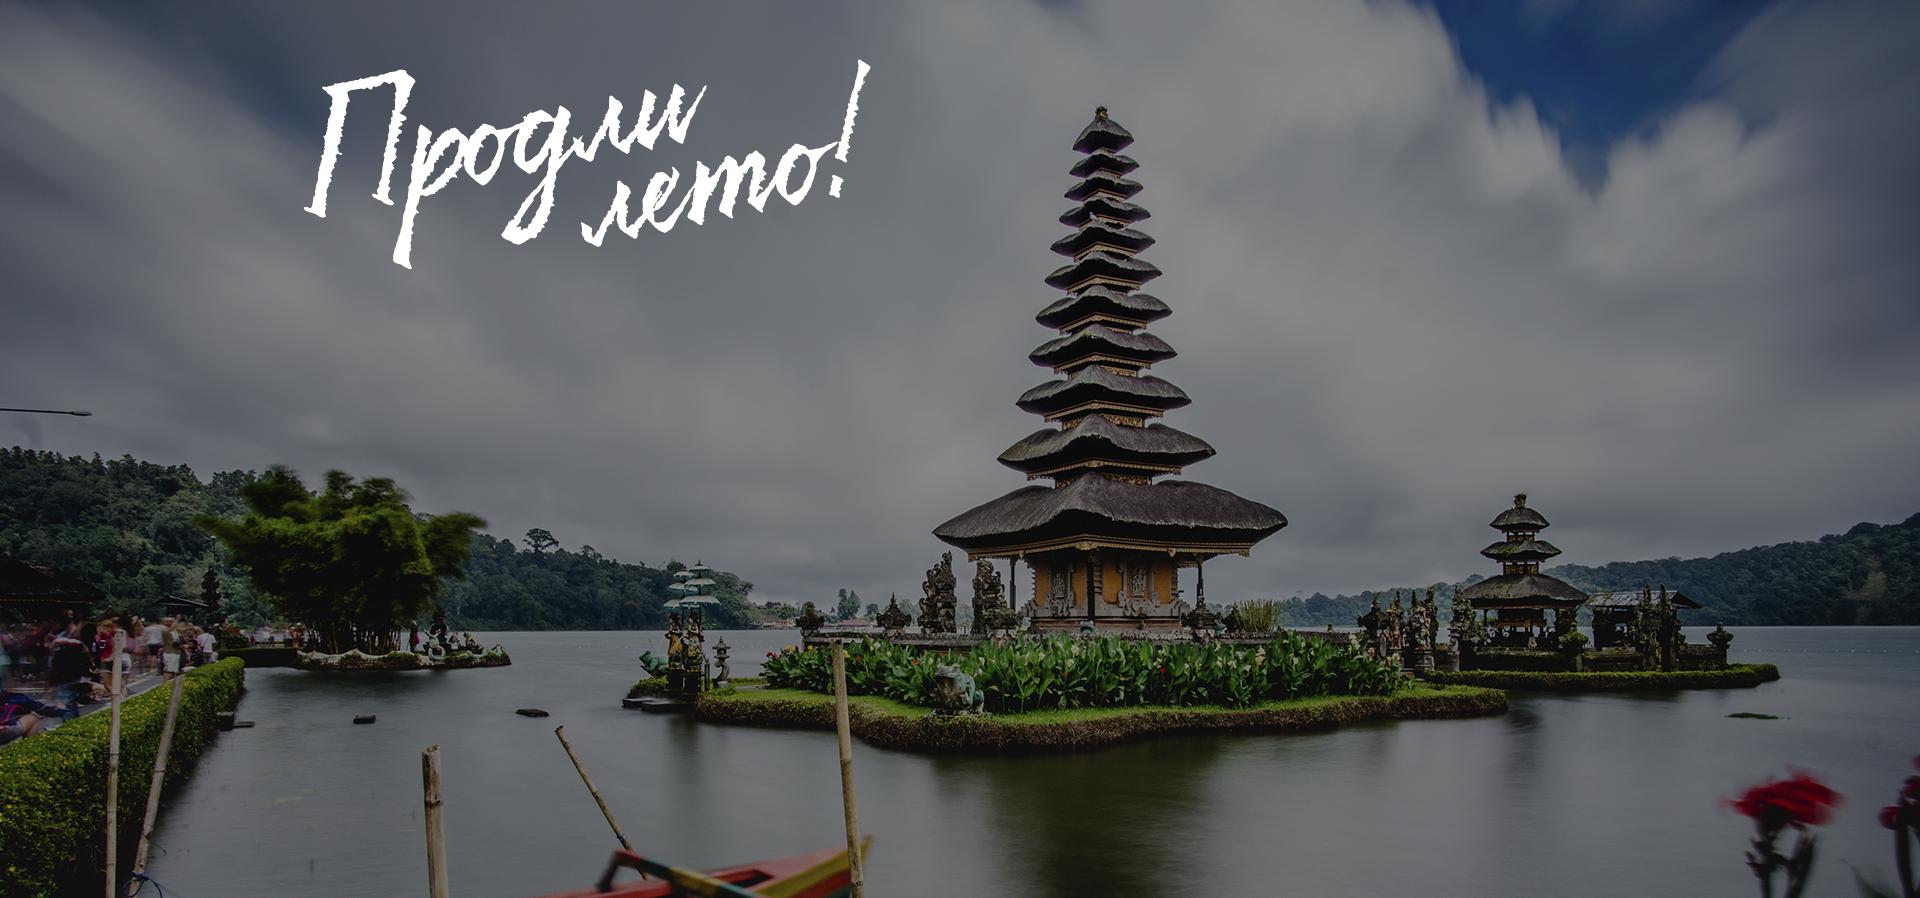 Выиграй путешествие на Бали